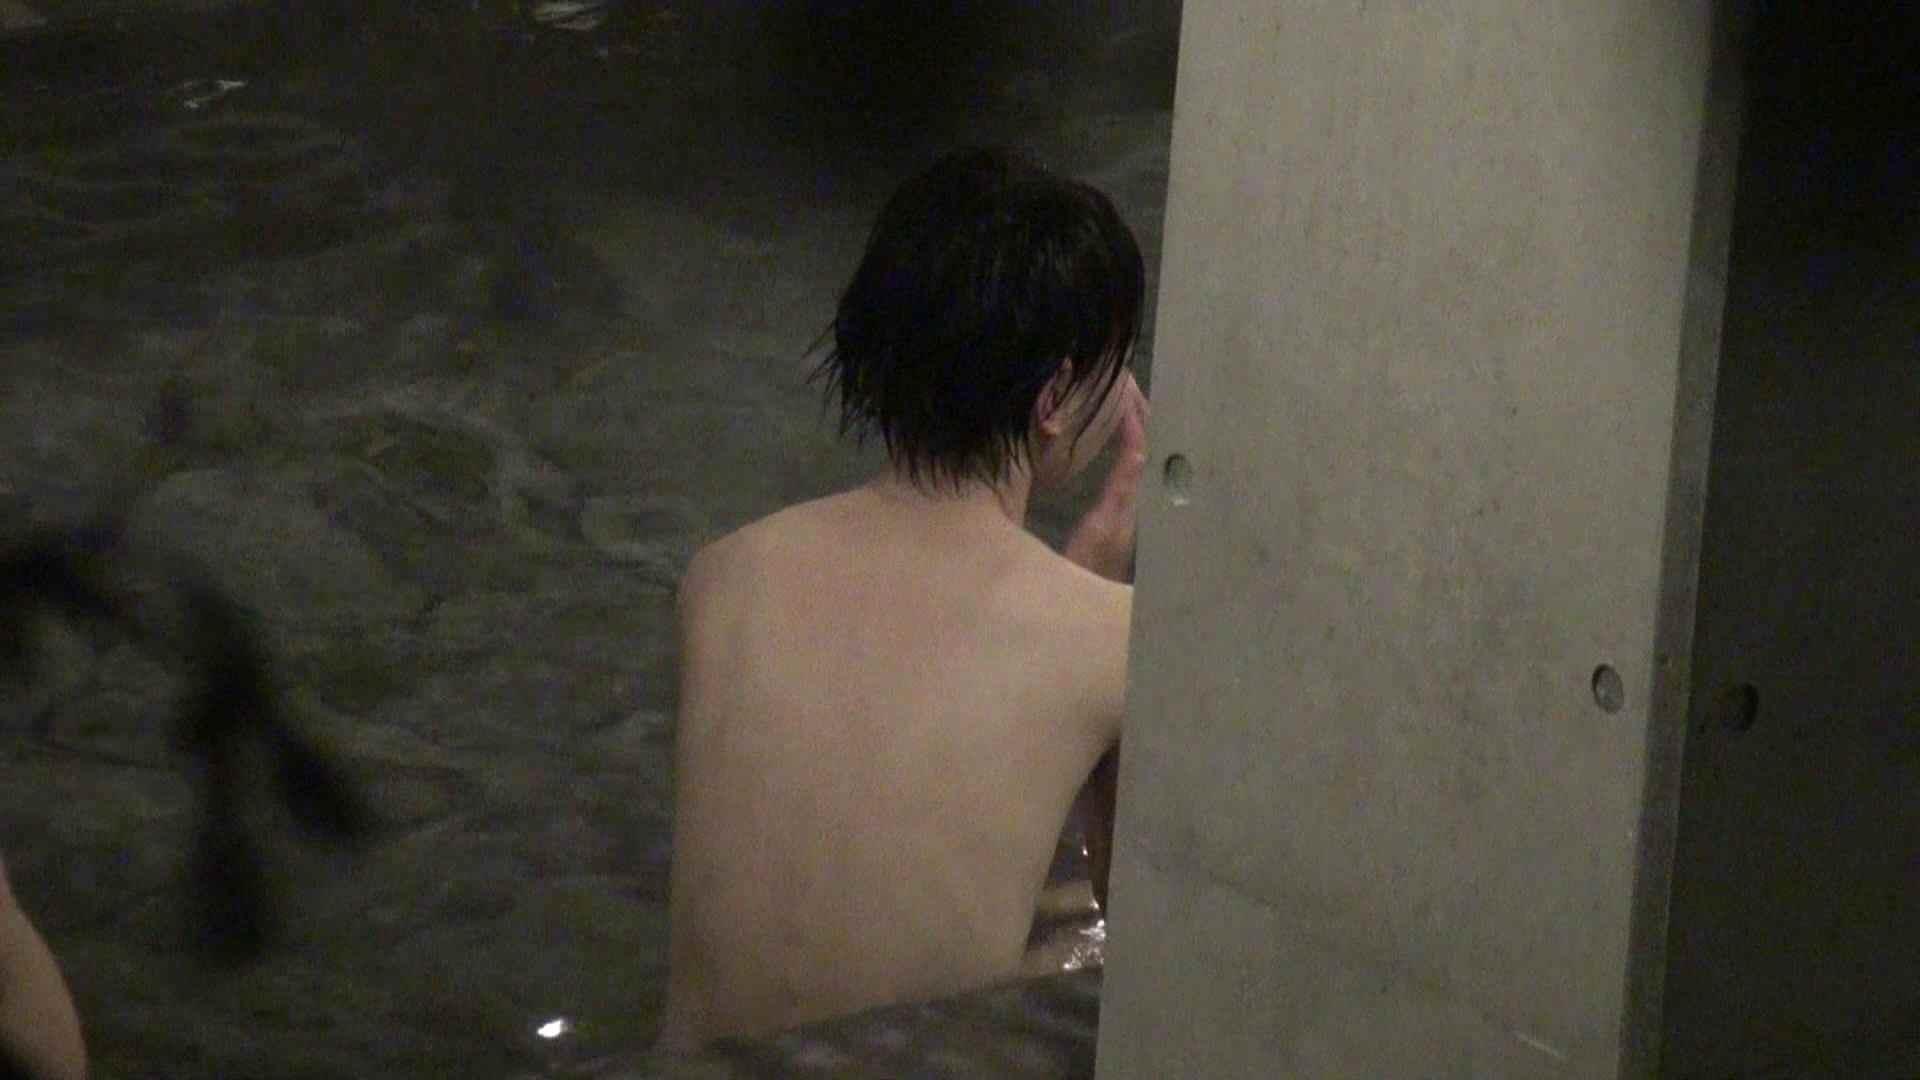 Aquaな露天風呂Vol.323 露天 | 盗撮特集  86画像 76